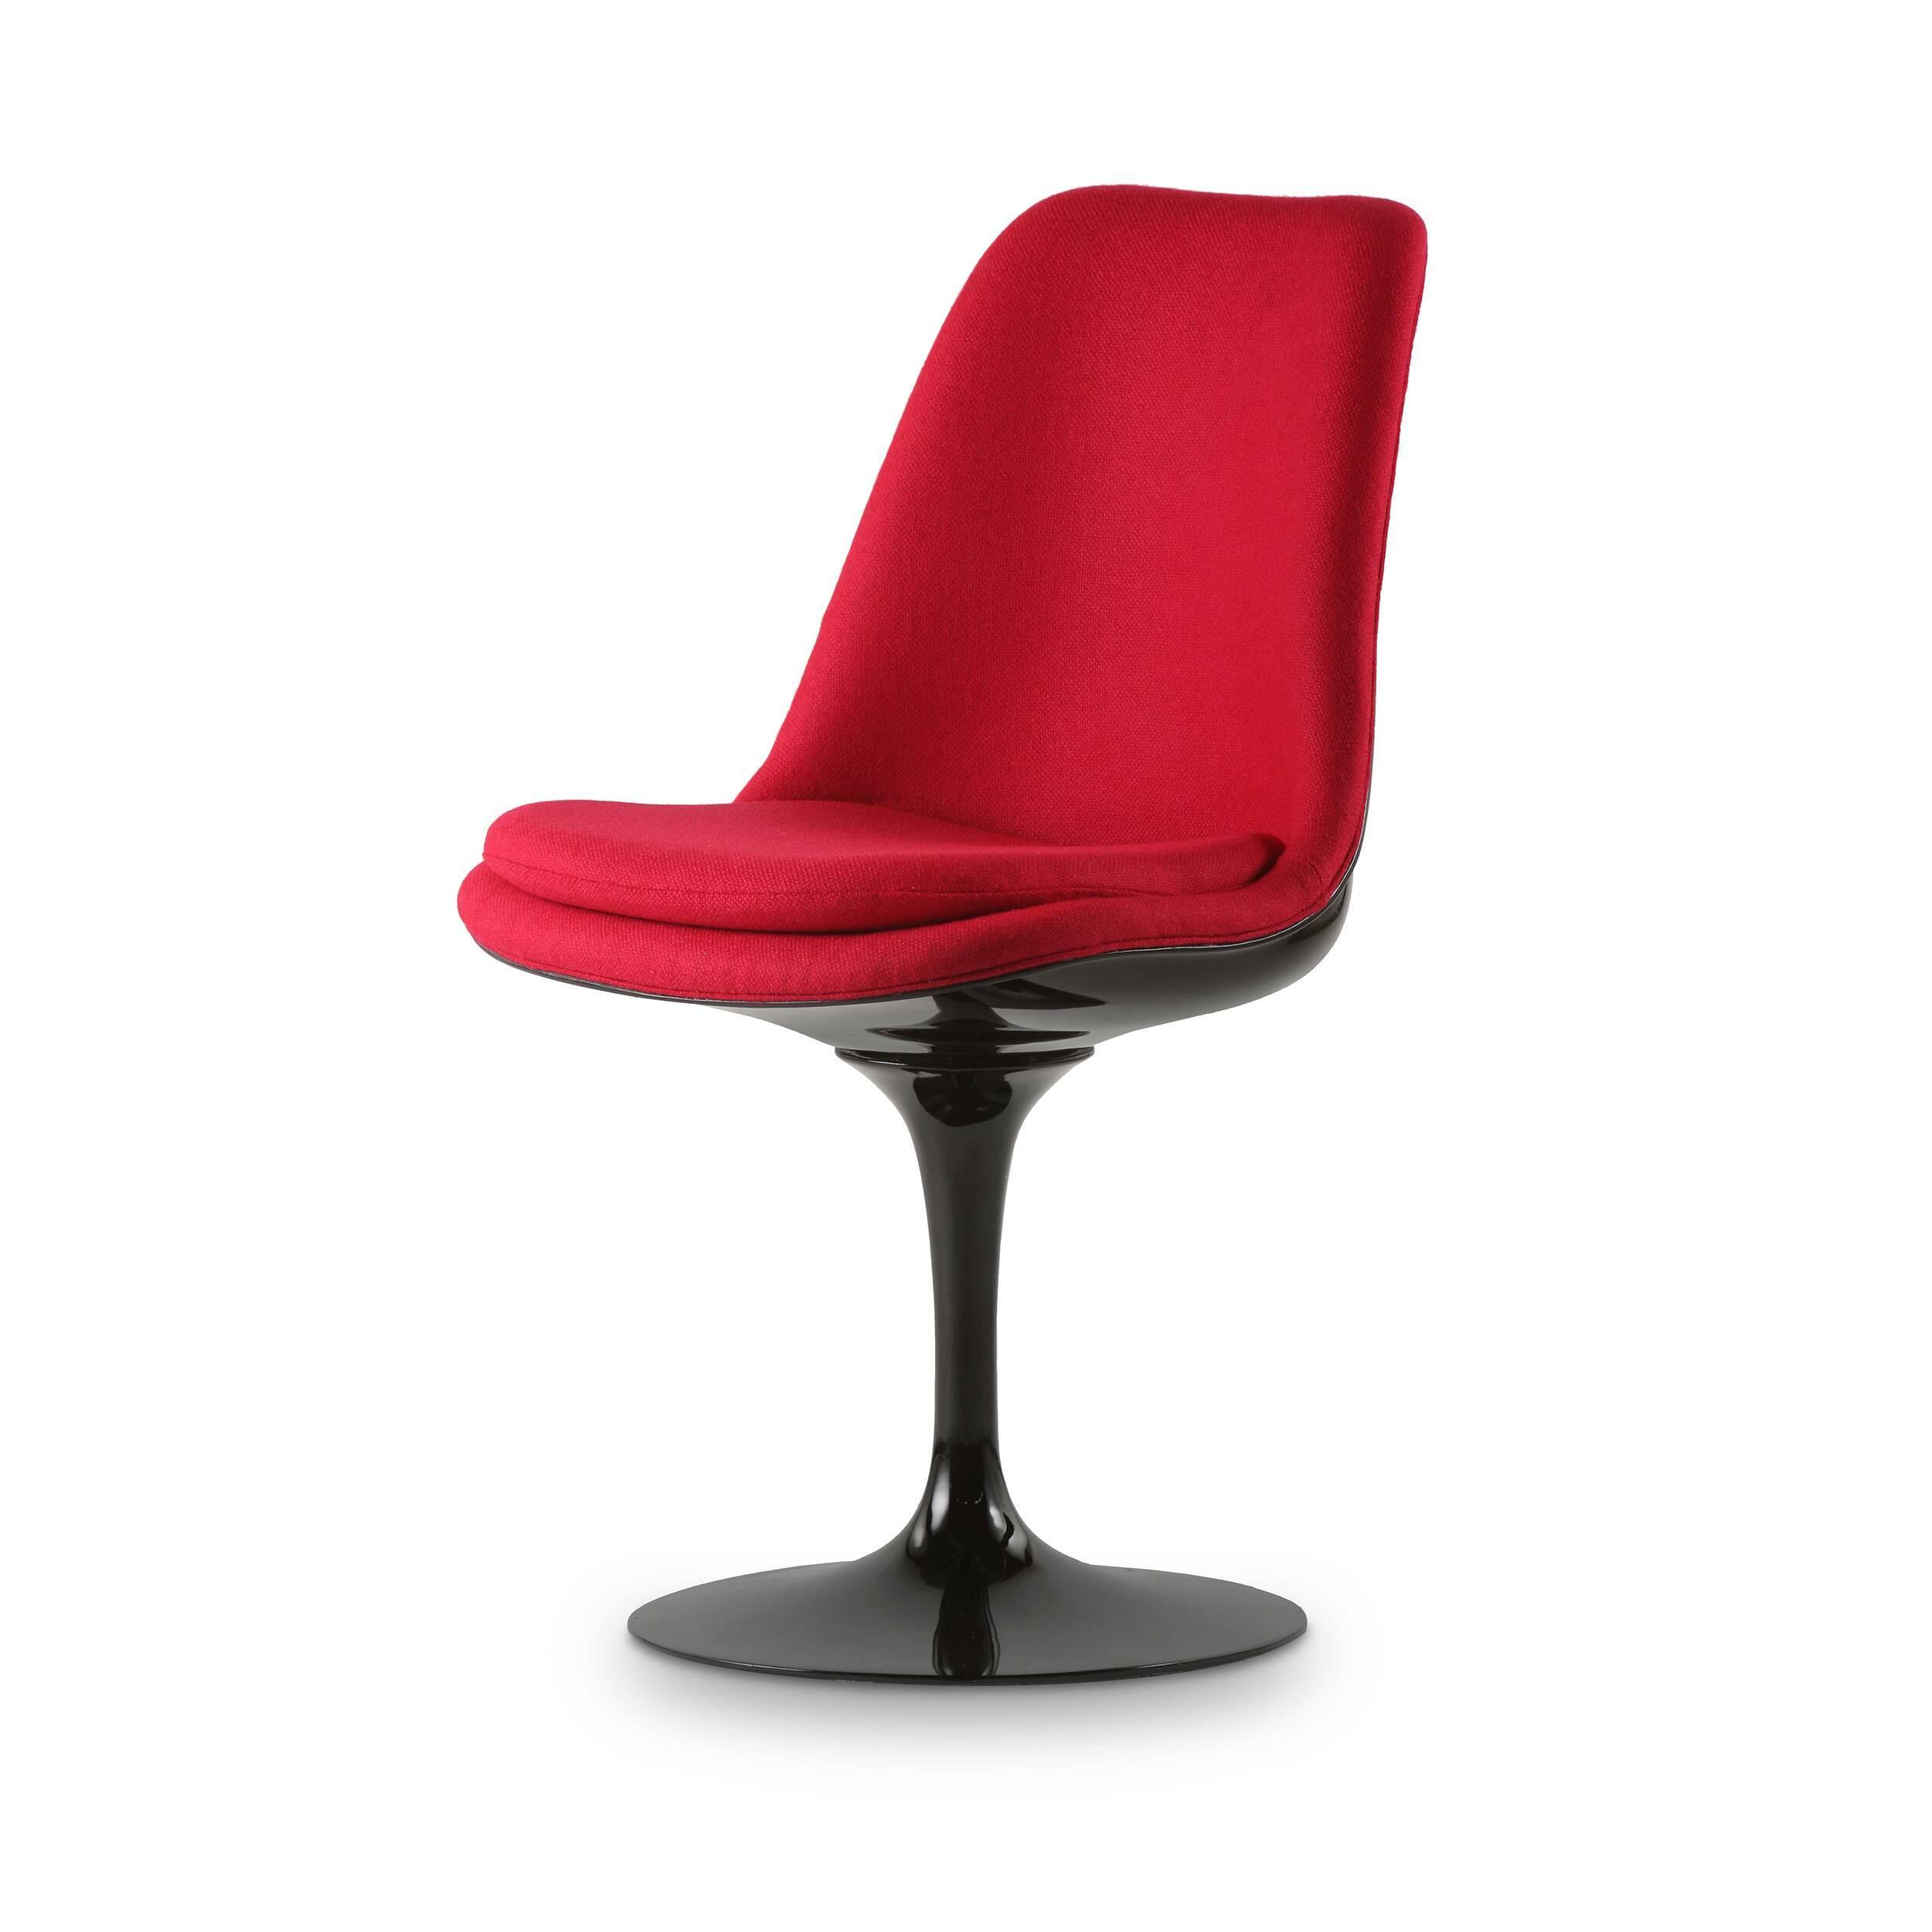 Стул Tulip с обитой спинкойИнтерьерные<br>Дизайнерский тканевый стул Tulip (Тьюлип) с обитой спинкой и с каркасом из стекловолокна от Cosmo (Космо).<br><br><br> Стул Tulip — это один из самых знаменитых предметов мебели, он был разработан в 1958 году Ээро Саариненом. Поистине футуристический дизайн и классика модерна. Первый в мире одноногий стул изменил будущее дизайна мебели. Формой стул напоминает бокал или, как видно из названия, — тюльпан. Уникальное основание постамента обеспечивает устойчивость и выглядит эстетически привлекательным...<br><br>stock: 0<br>Высота: 82,5<br>Высота сиденья: 47<br>Ширина: 50,5<br>Глубина: 54,5<br>Тип материала каркаса: Стекловолокно<br>Материал сидения: Шерсть, Нейлон<br>Цвет сидения: Вишня<br>Тип материала сидения: Ткань<br>Коллекция ткани: B Fabric<br>Цвет каркаса: Черный глянец